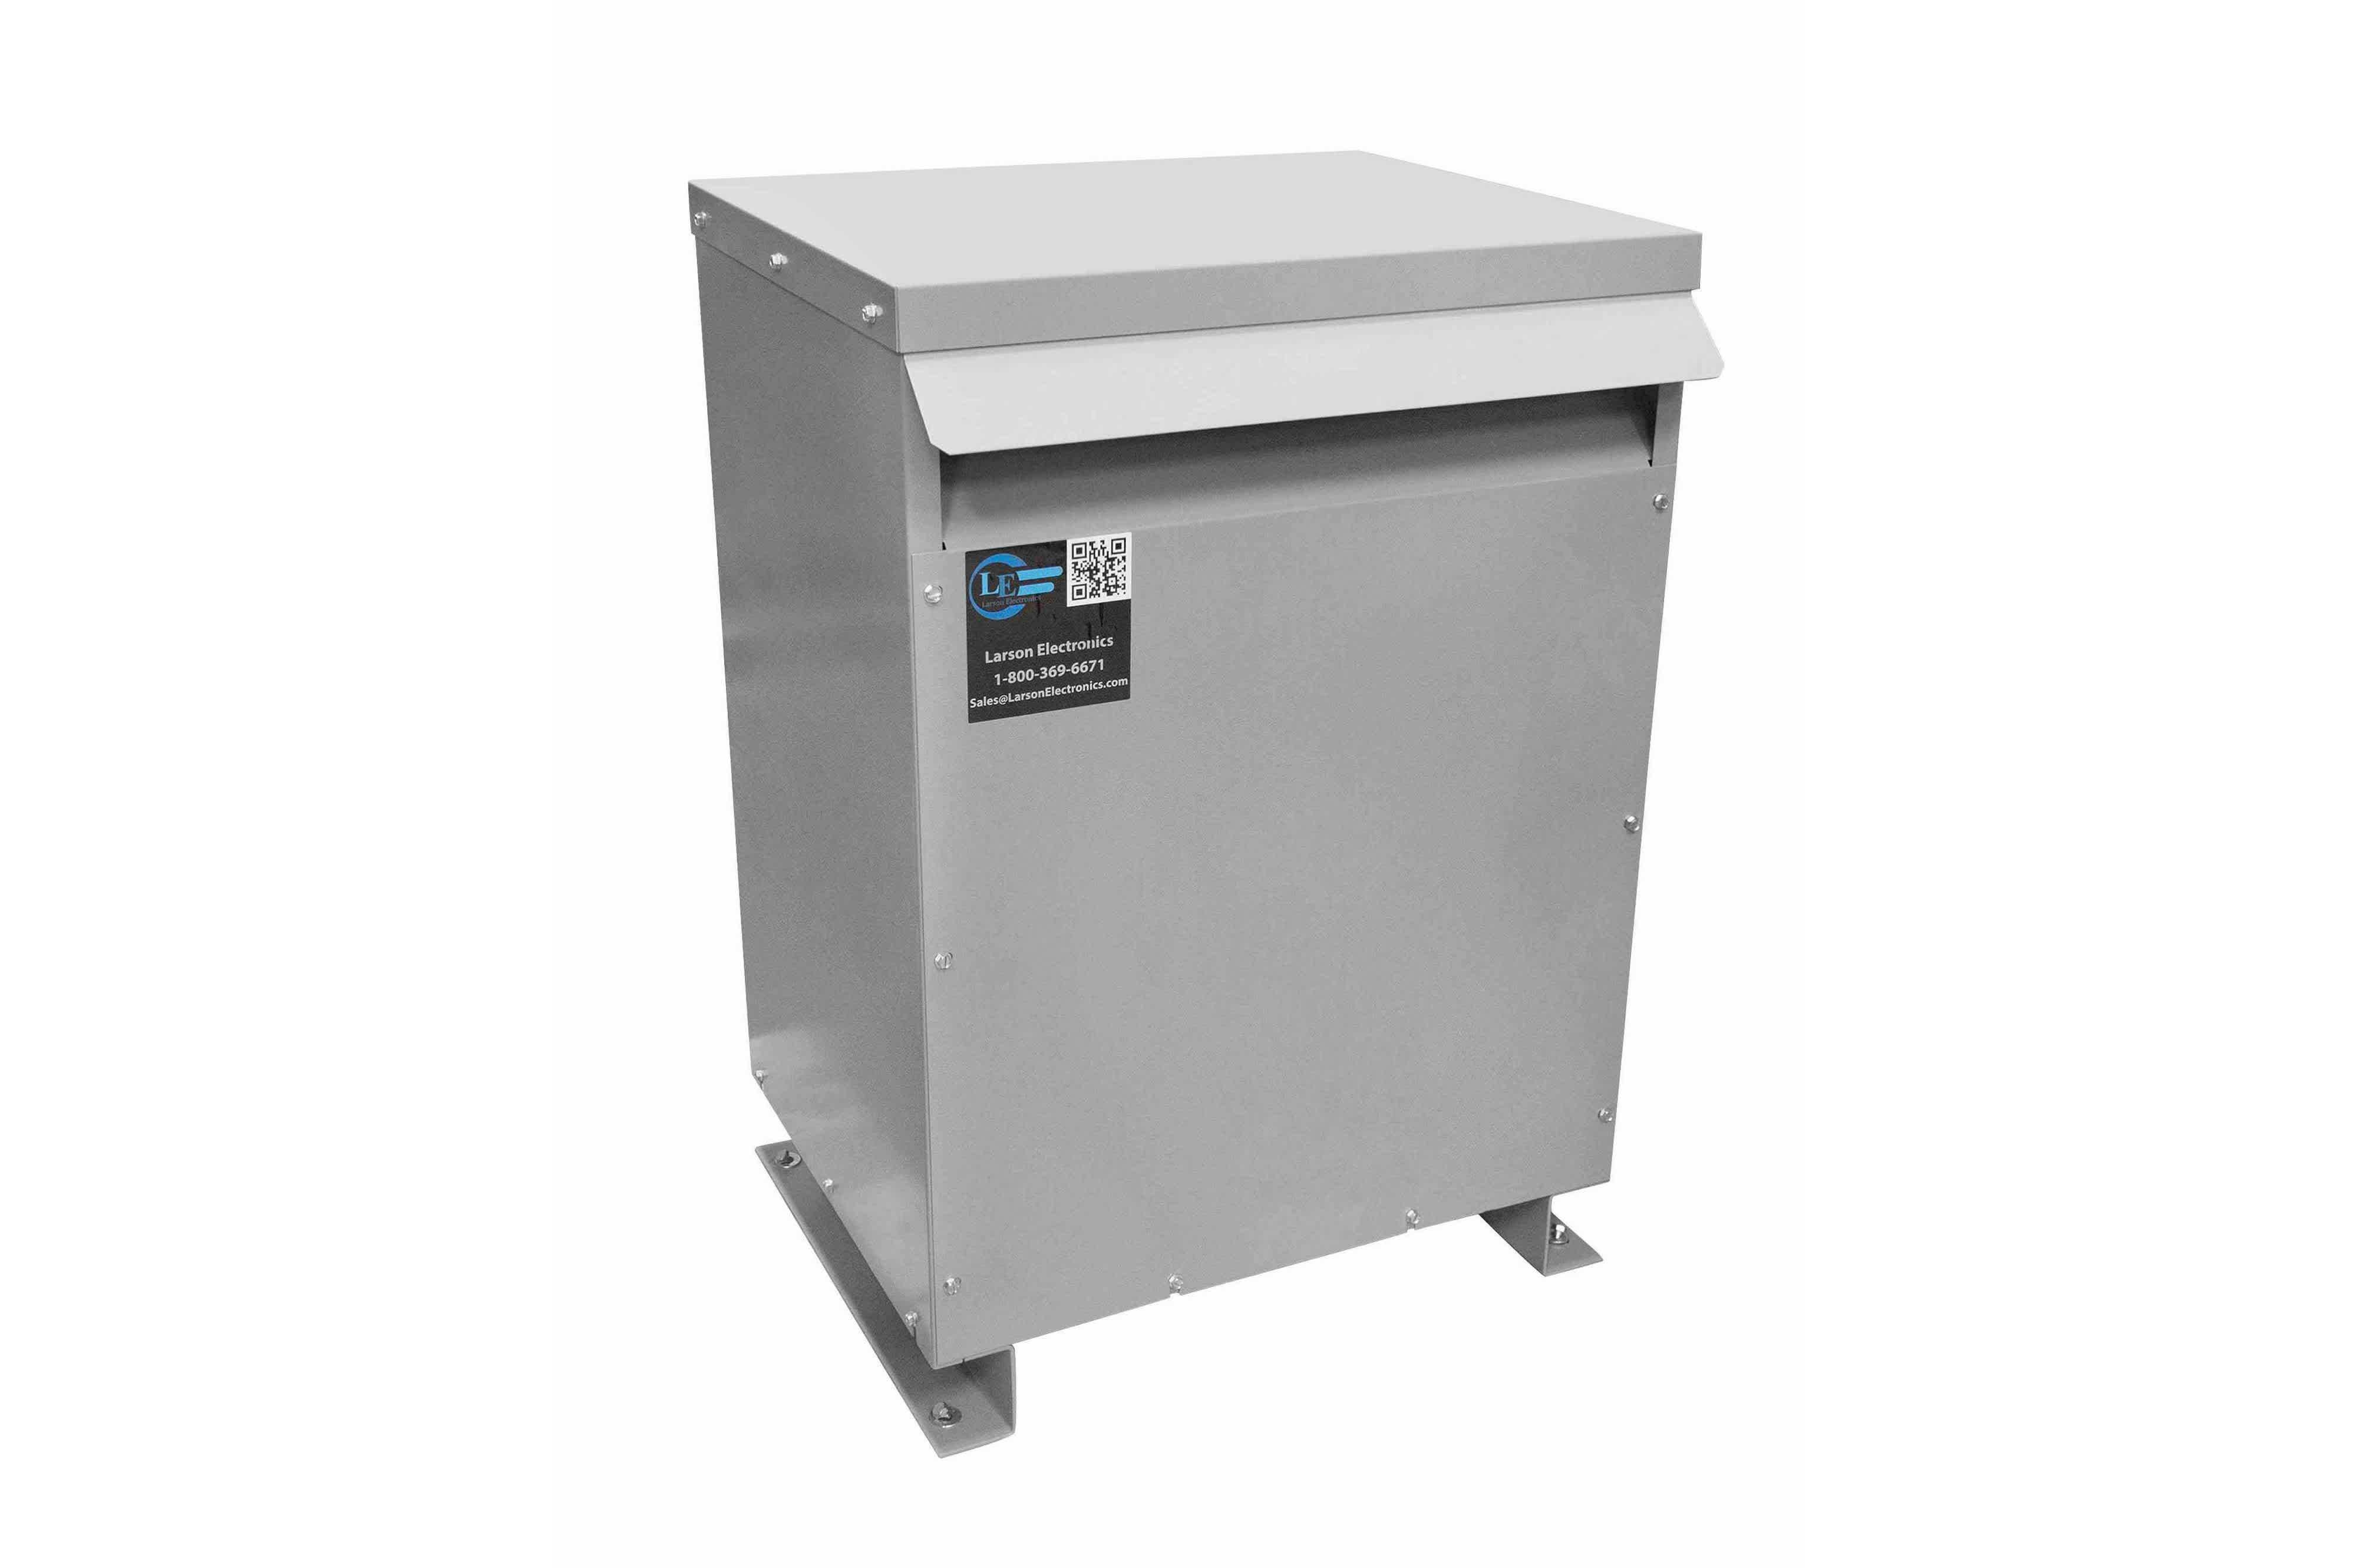 900 kVA 3PH Isolation Transformer, 208V Delta Primary, 480V Delta Secondary, N3R, Ventilated, 60 Hz